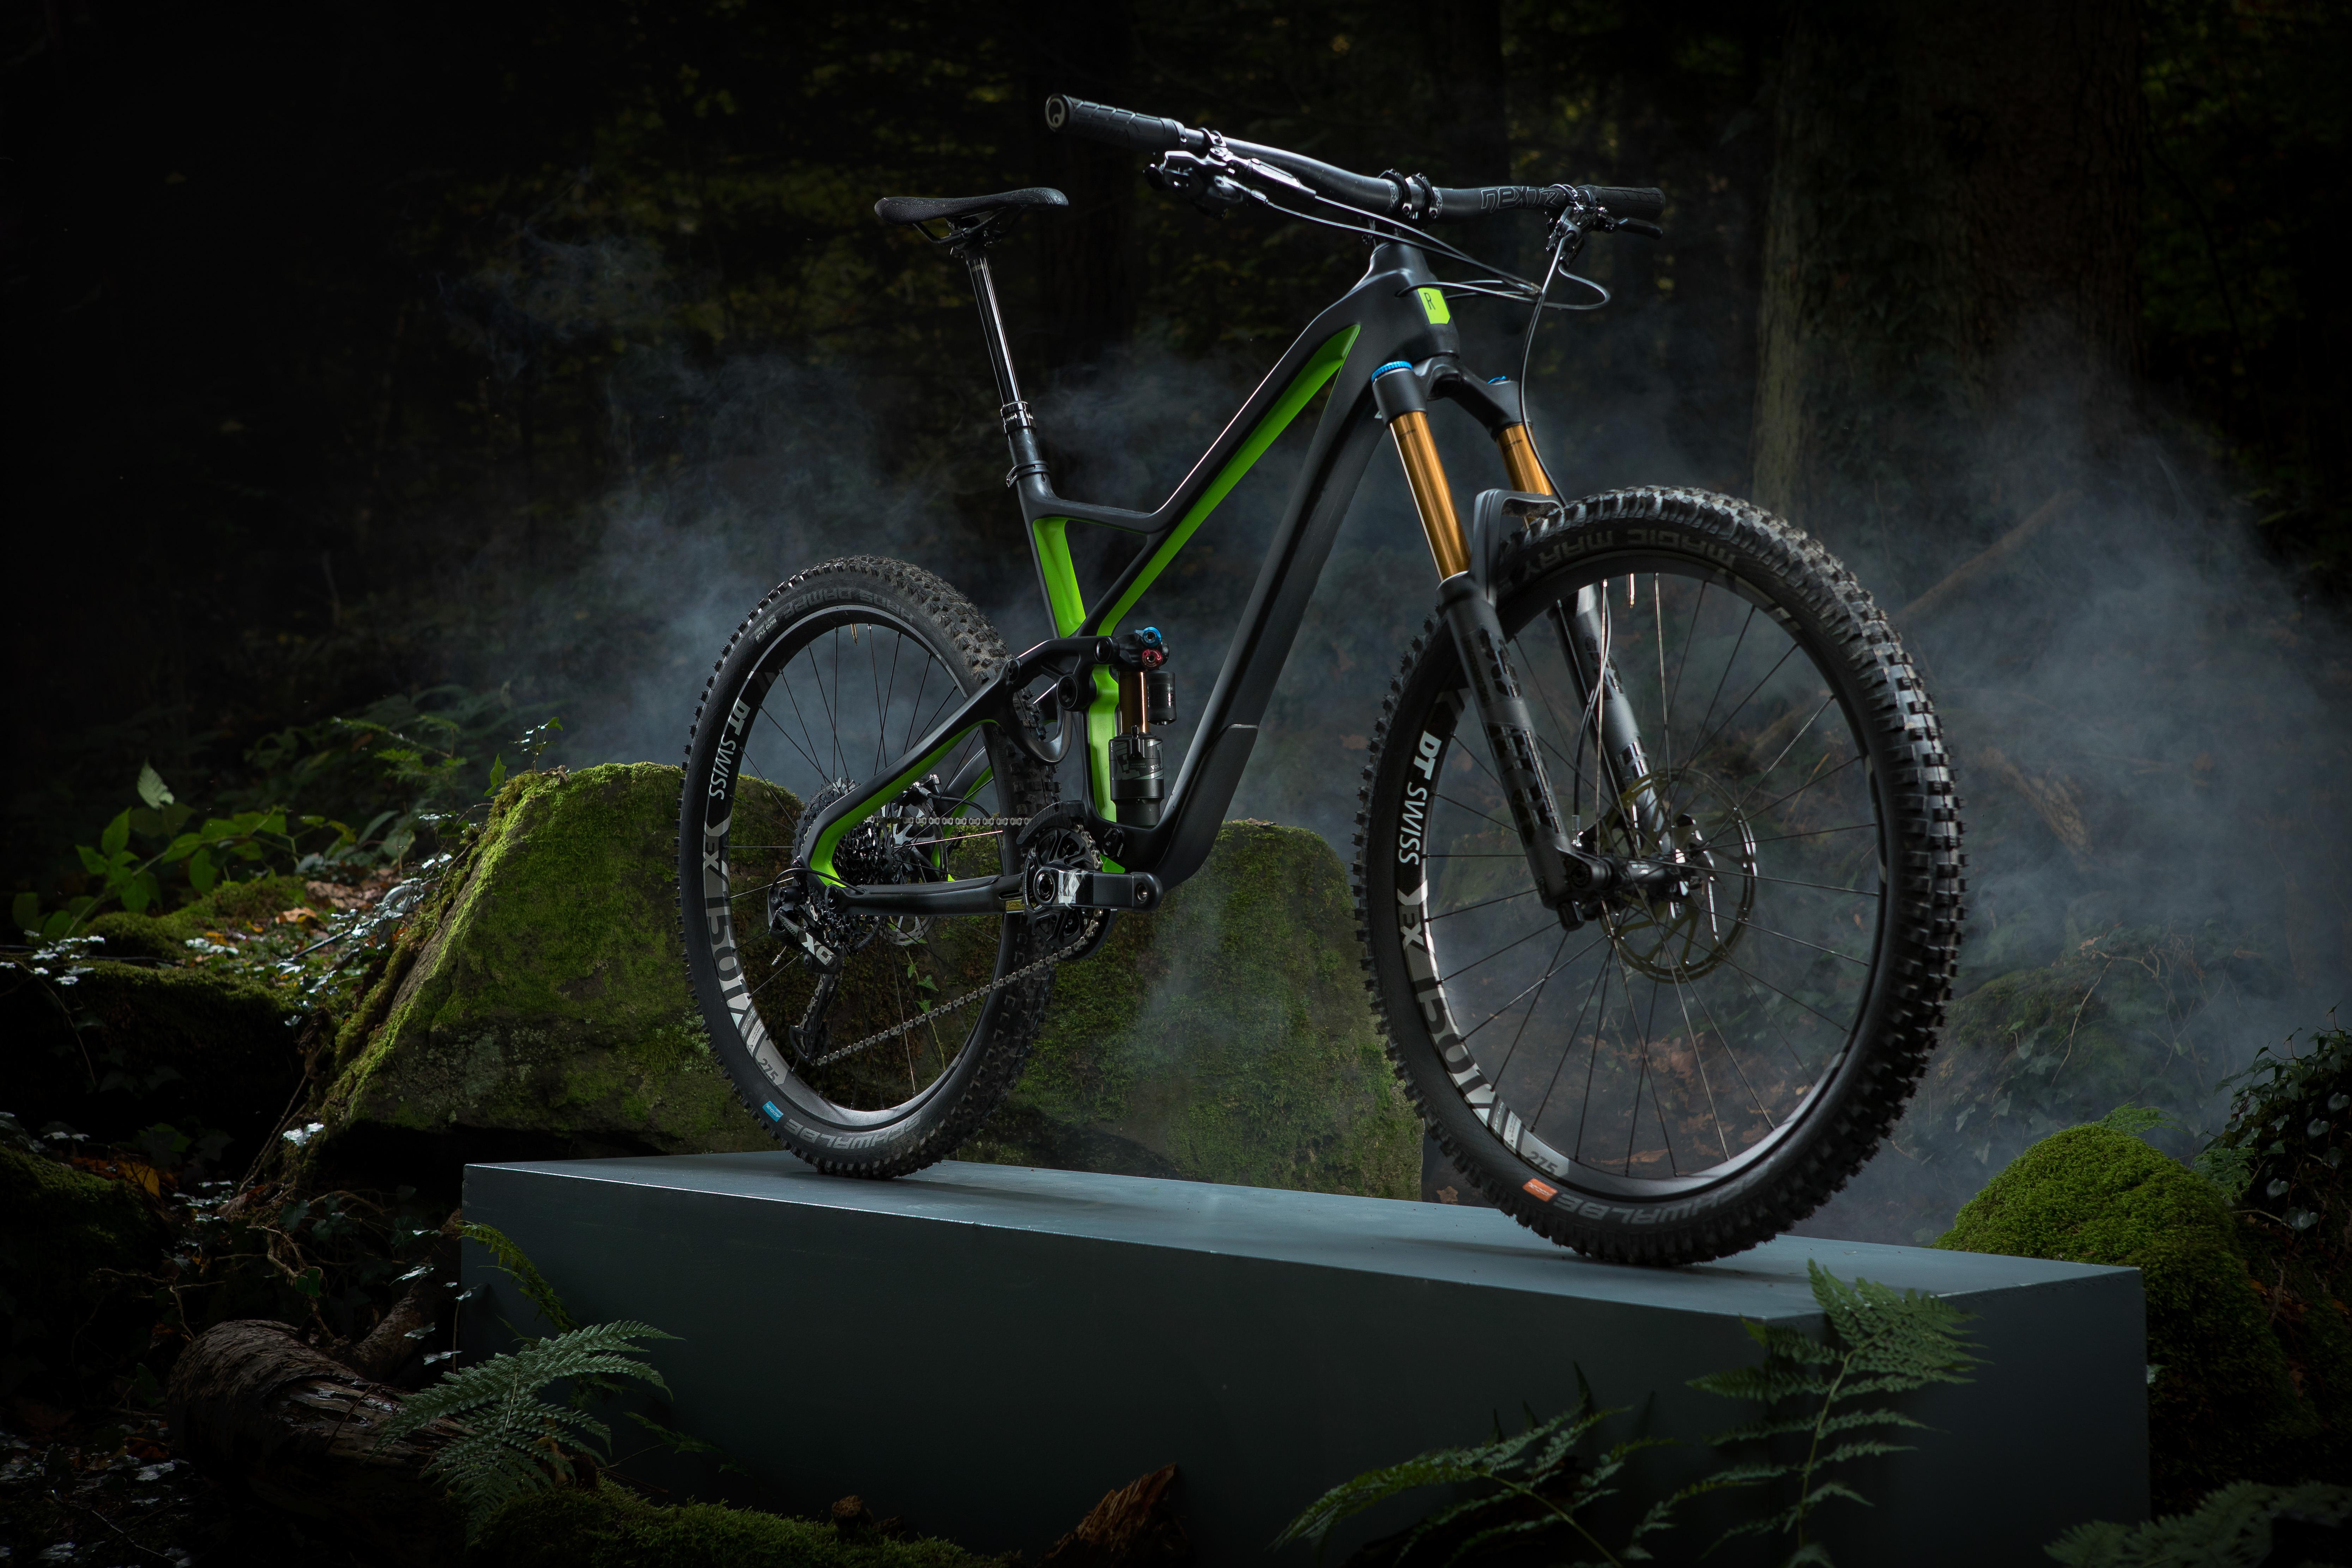 Rose Pikes Peak gewinnt Design & Innovation Award - Enduro-Bike überzeugt nach Testfahrt die internationalen Experten